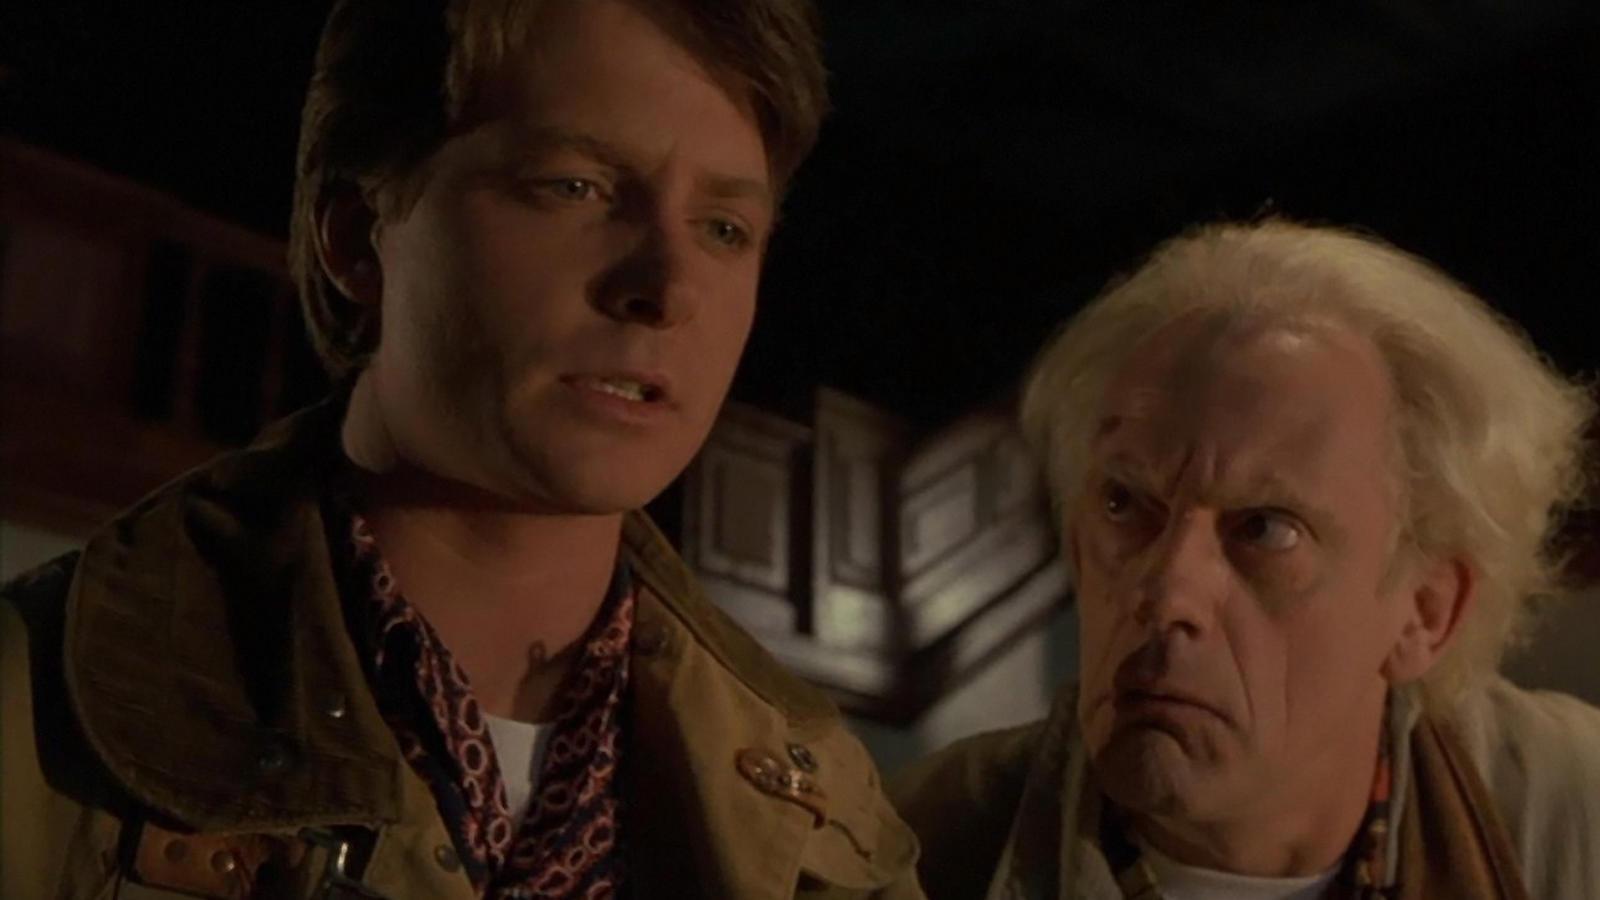 Doki az időgépnek köszönhetően hatalmas életszínvonalbeli javulást ér el Marty családjánál. Cserébe a fiú kétszer is megmenti őt - és természetesen közben ütős kalandokat is átélnek együtt.